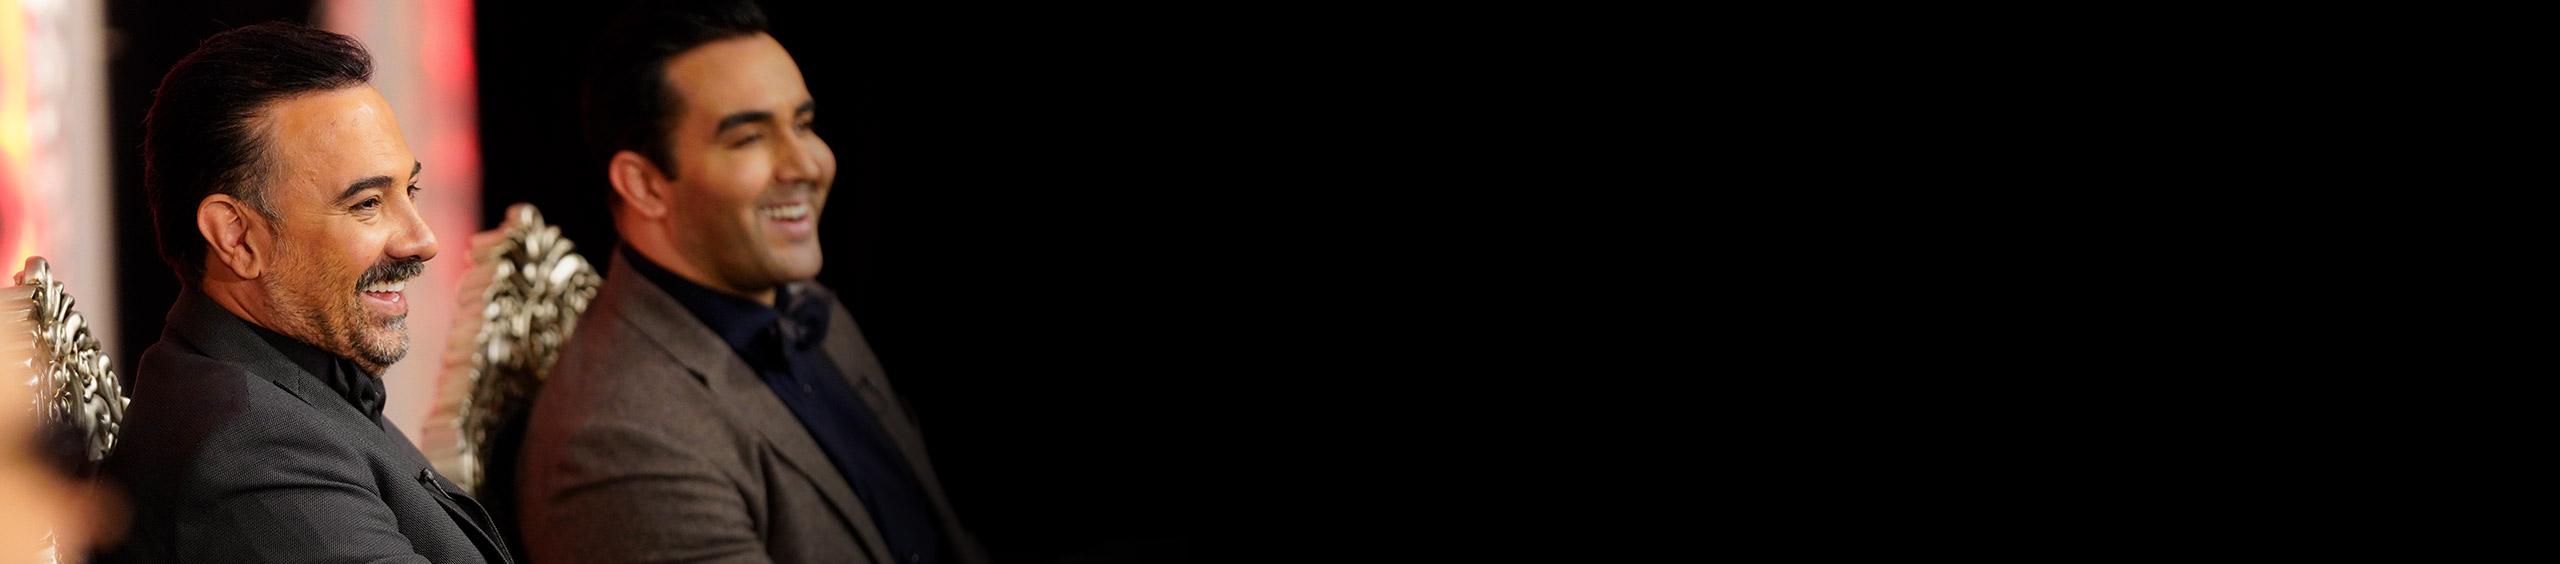 شب های مافیا 3 - فصل 4 قسمت 3 (قسمت سوم فینال